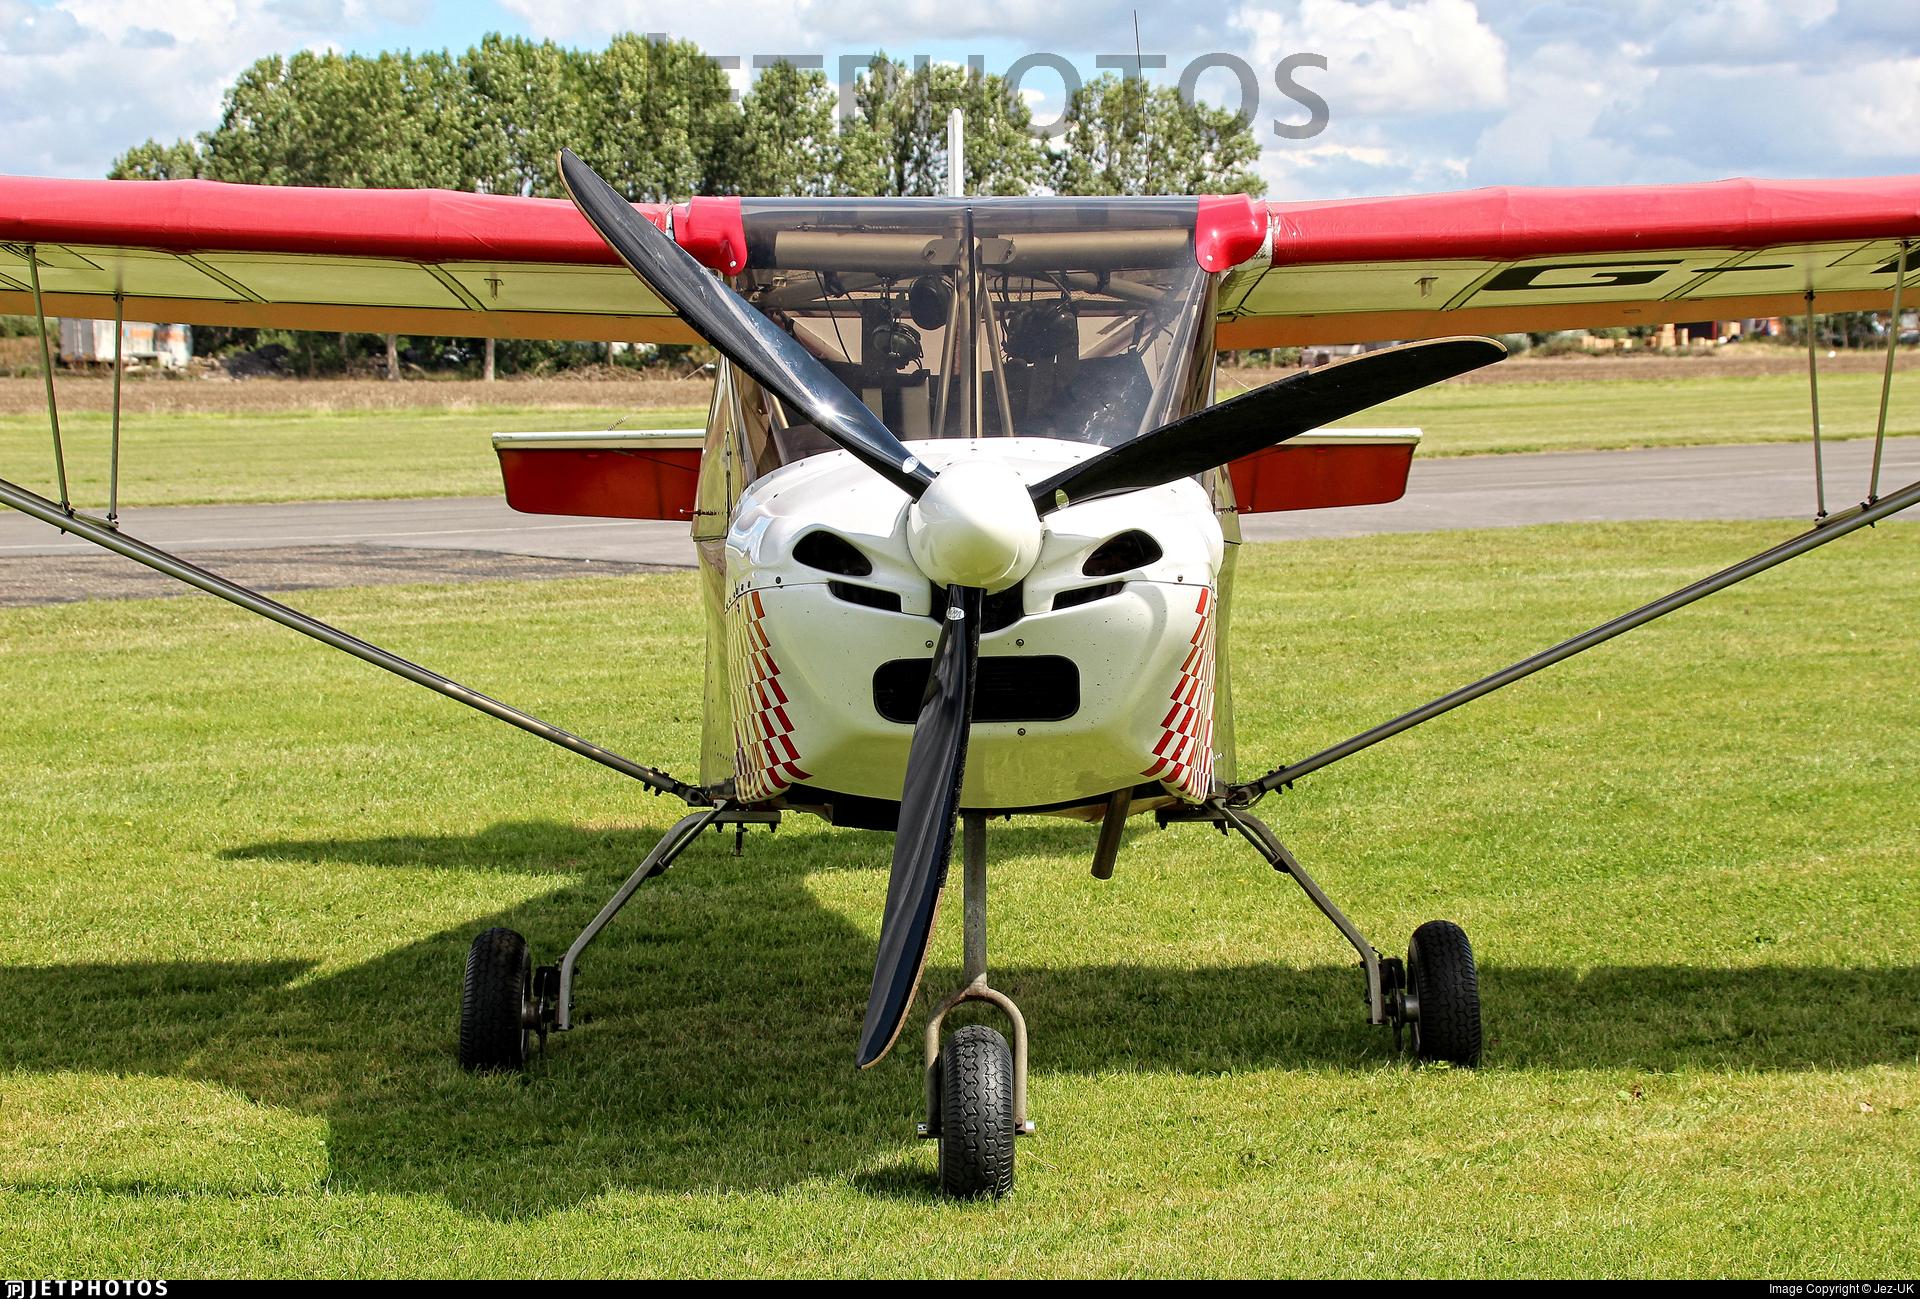 G-PTAR - Skyranger 912 - Private